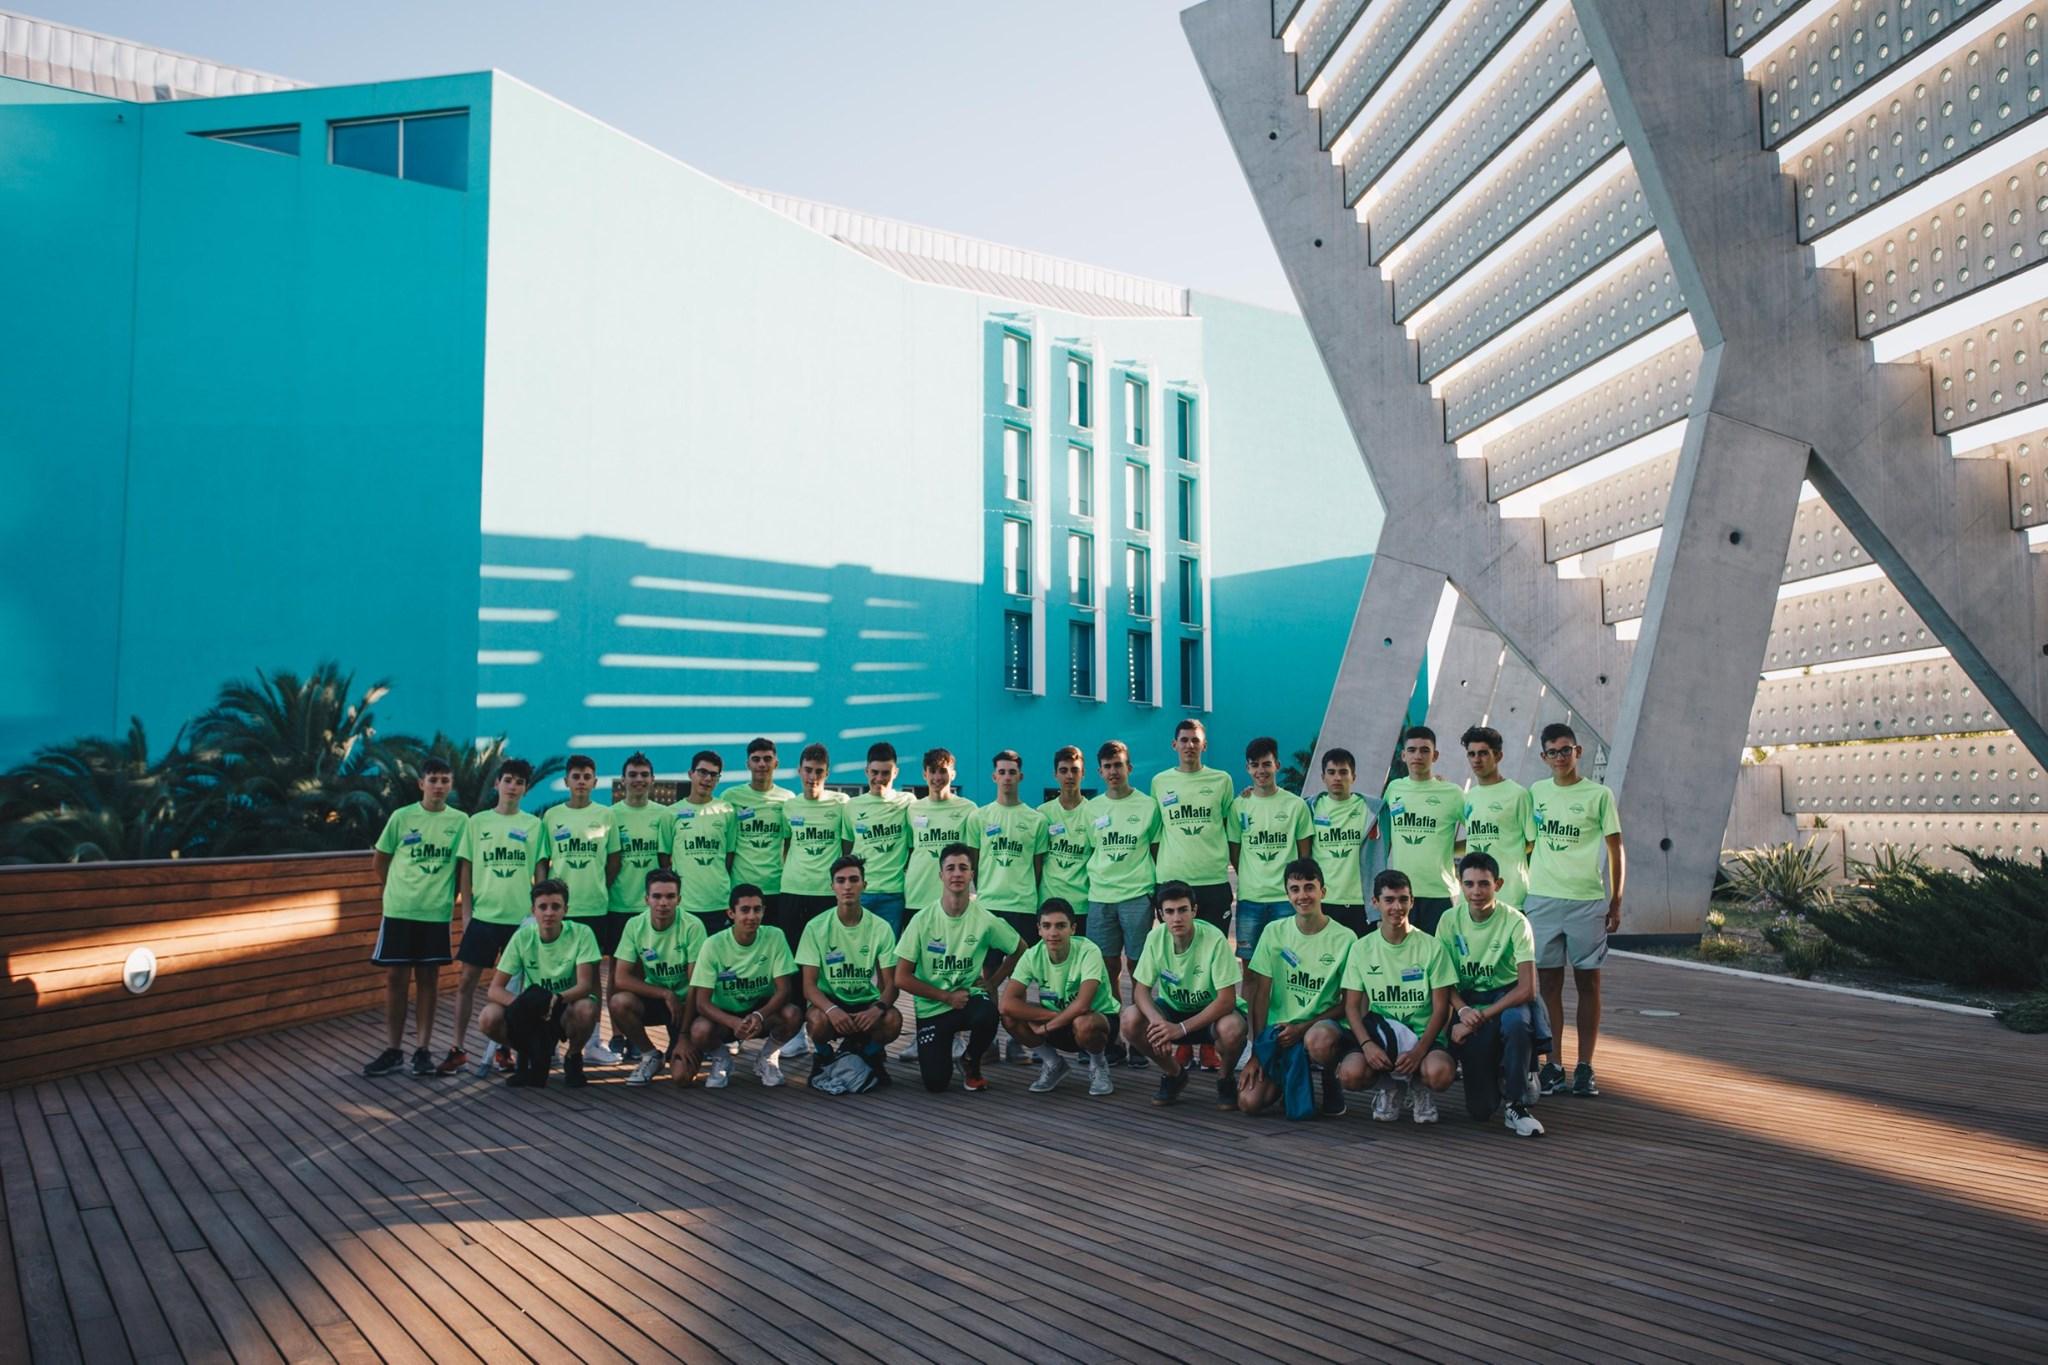 participantes - Zaragoza acoge un año más el 'Campus Selección Fundación Alberto Contador'